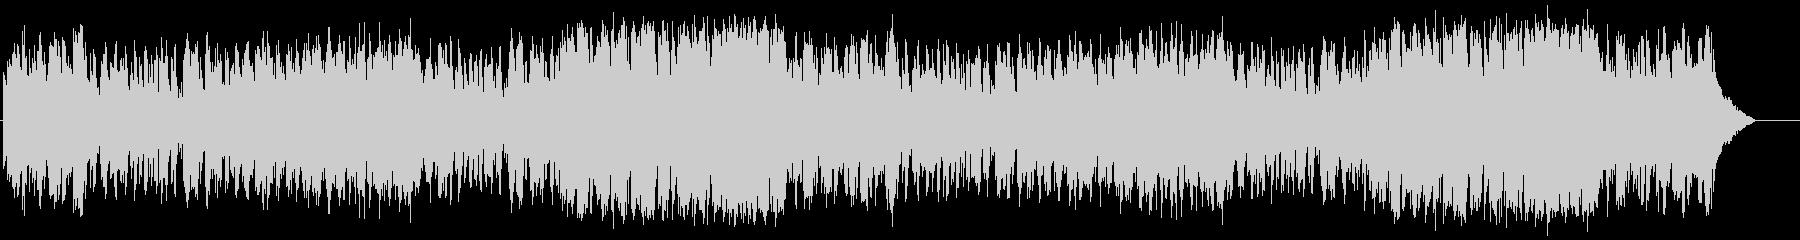 懐かしの歌謡ジャズ風楽曲(フルサイズ)の未再生の波形